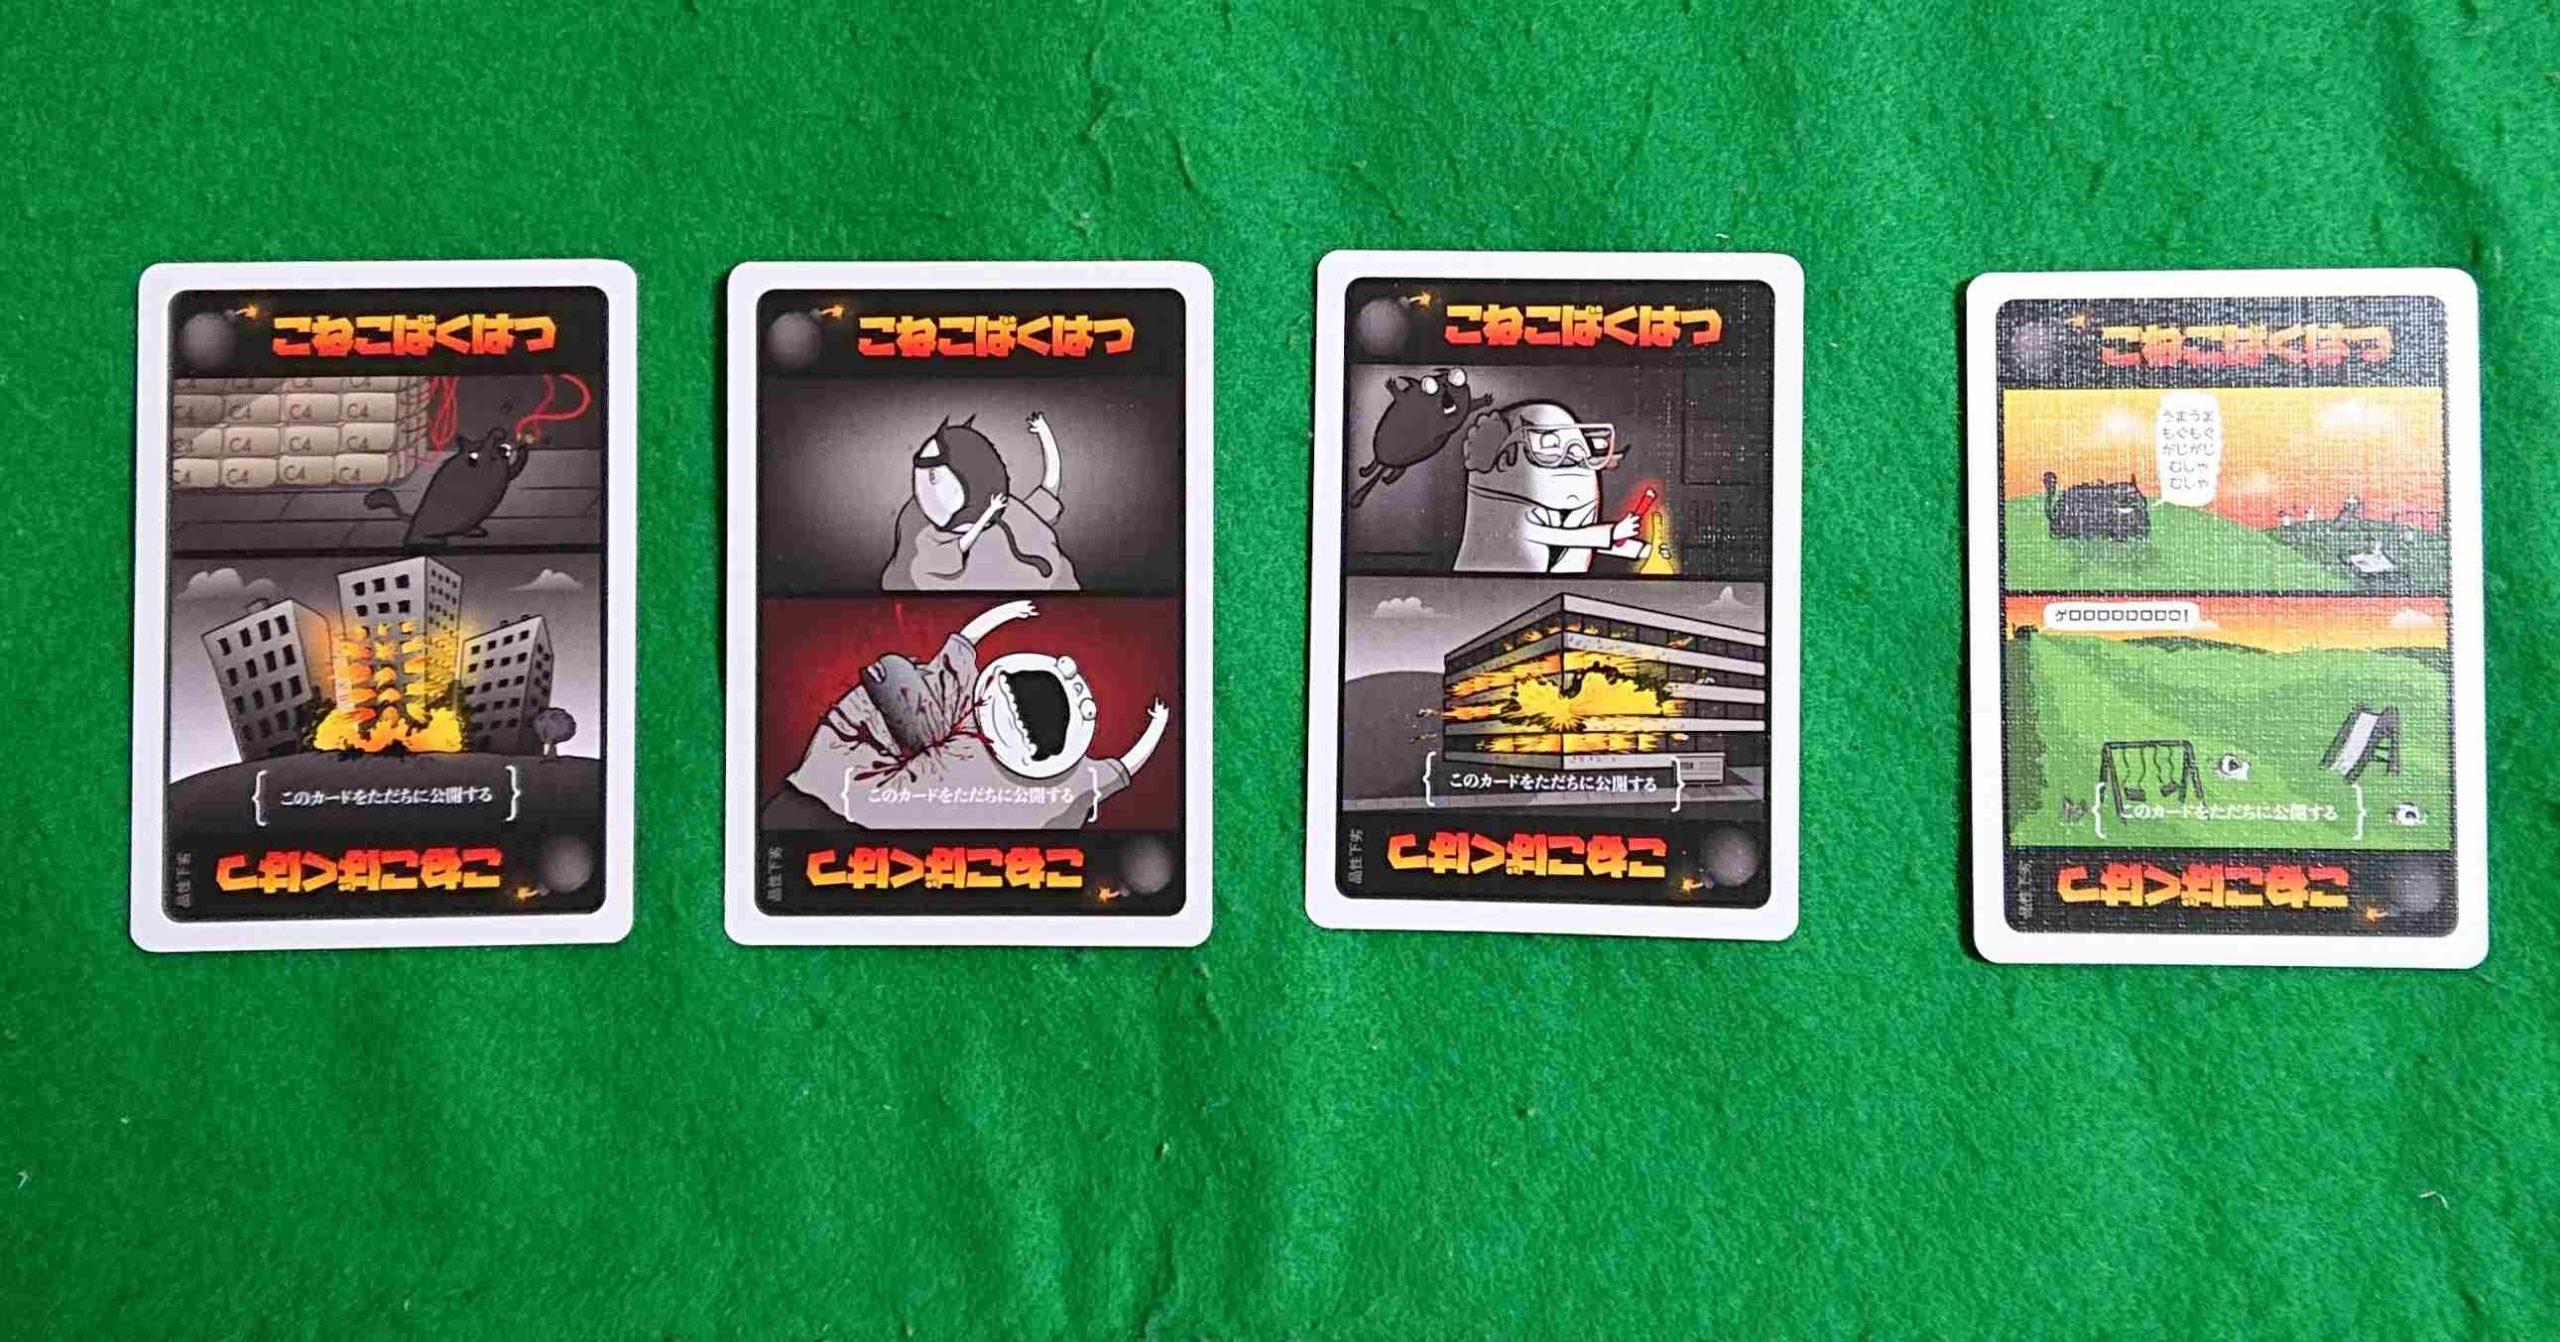 こねこばくはつ品性下劣版 「こねこばくはつ」が18禁のカードゲームになりました! カード紹介 ボードゲーム